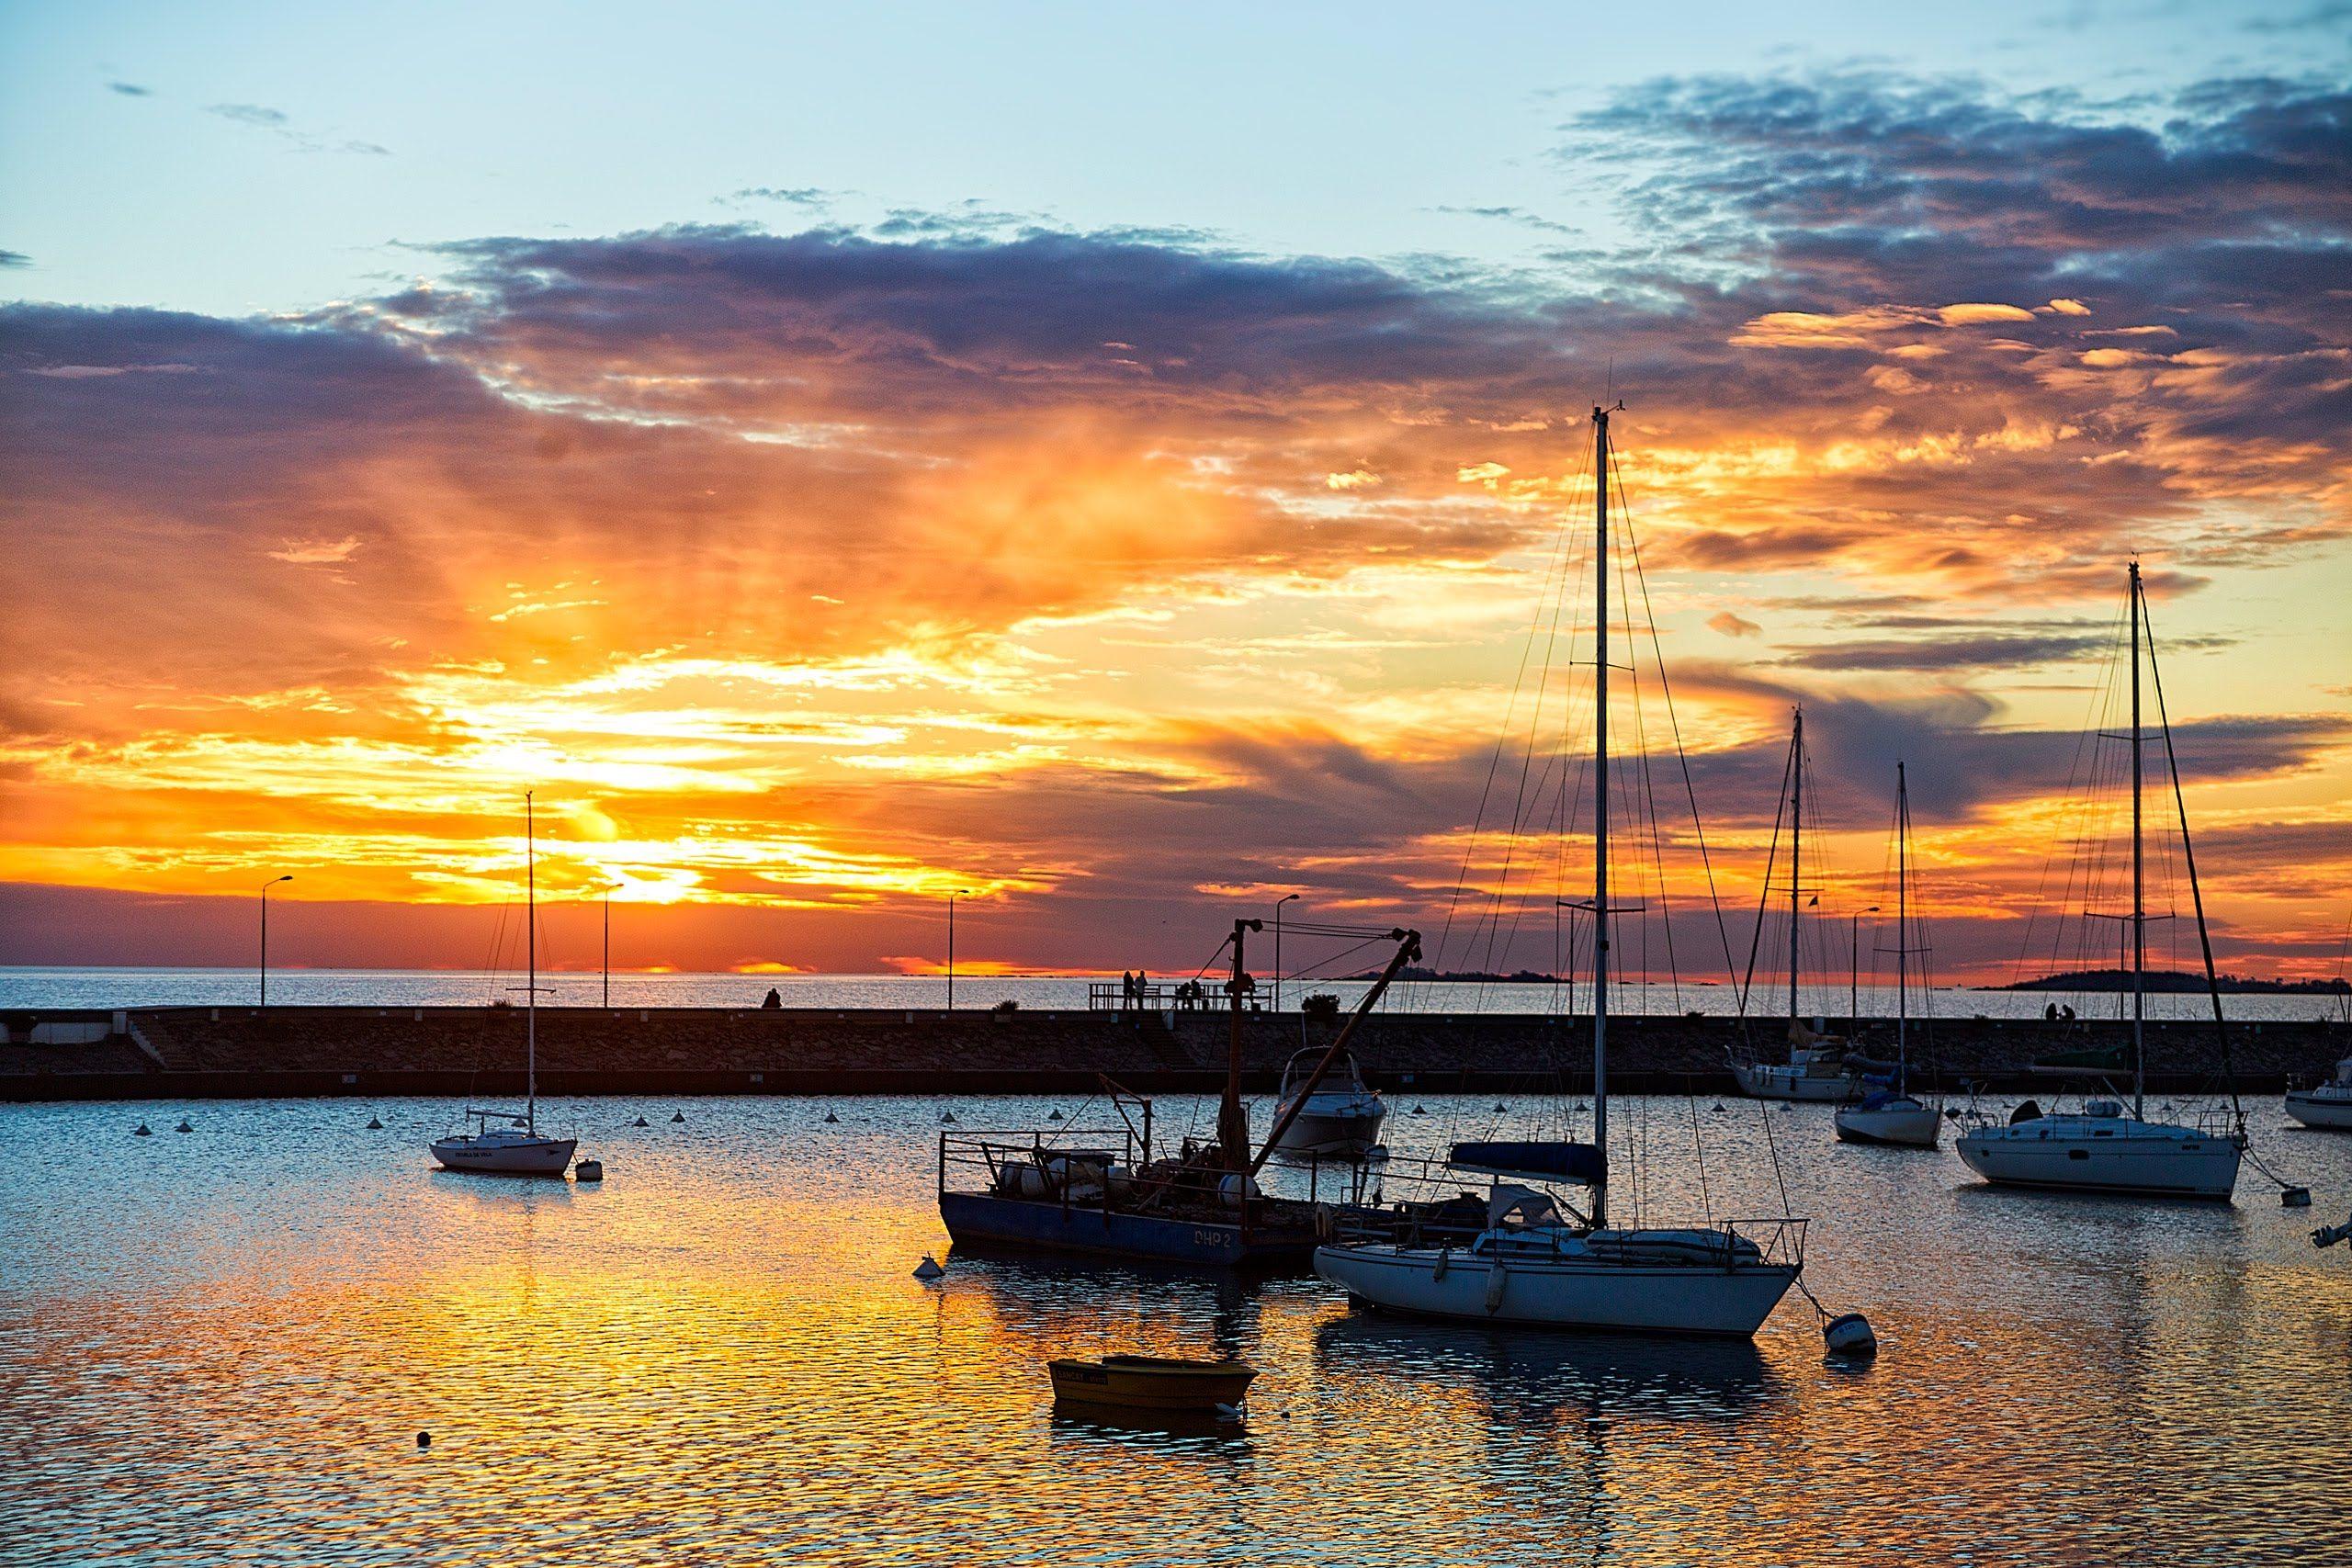 Harbor Yachts Colonia Del Sacramento Uruguay 2016 Uruguay Los Sacramentos Paisajes